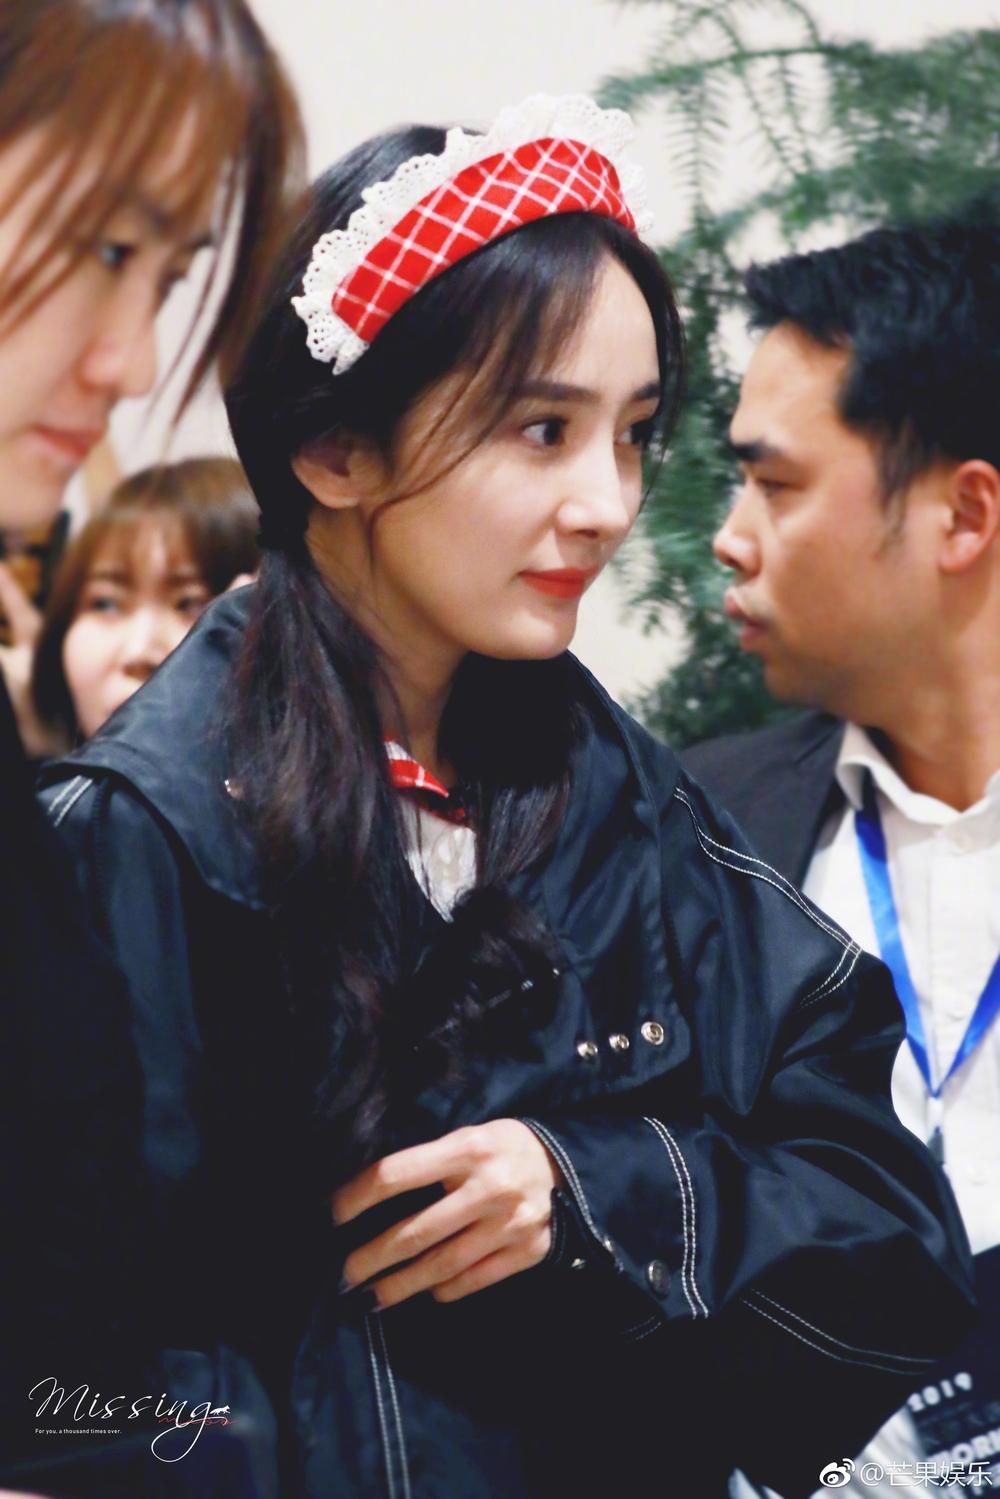 Từ ngày ly dị, Dương Mịch như trẻ thêm vài tuổi: Phụ nữ đẹp nhất khi không thuộc về ai - Ảnh 1